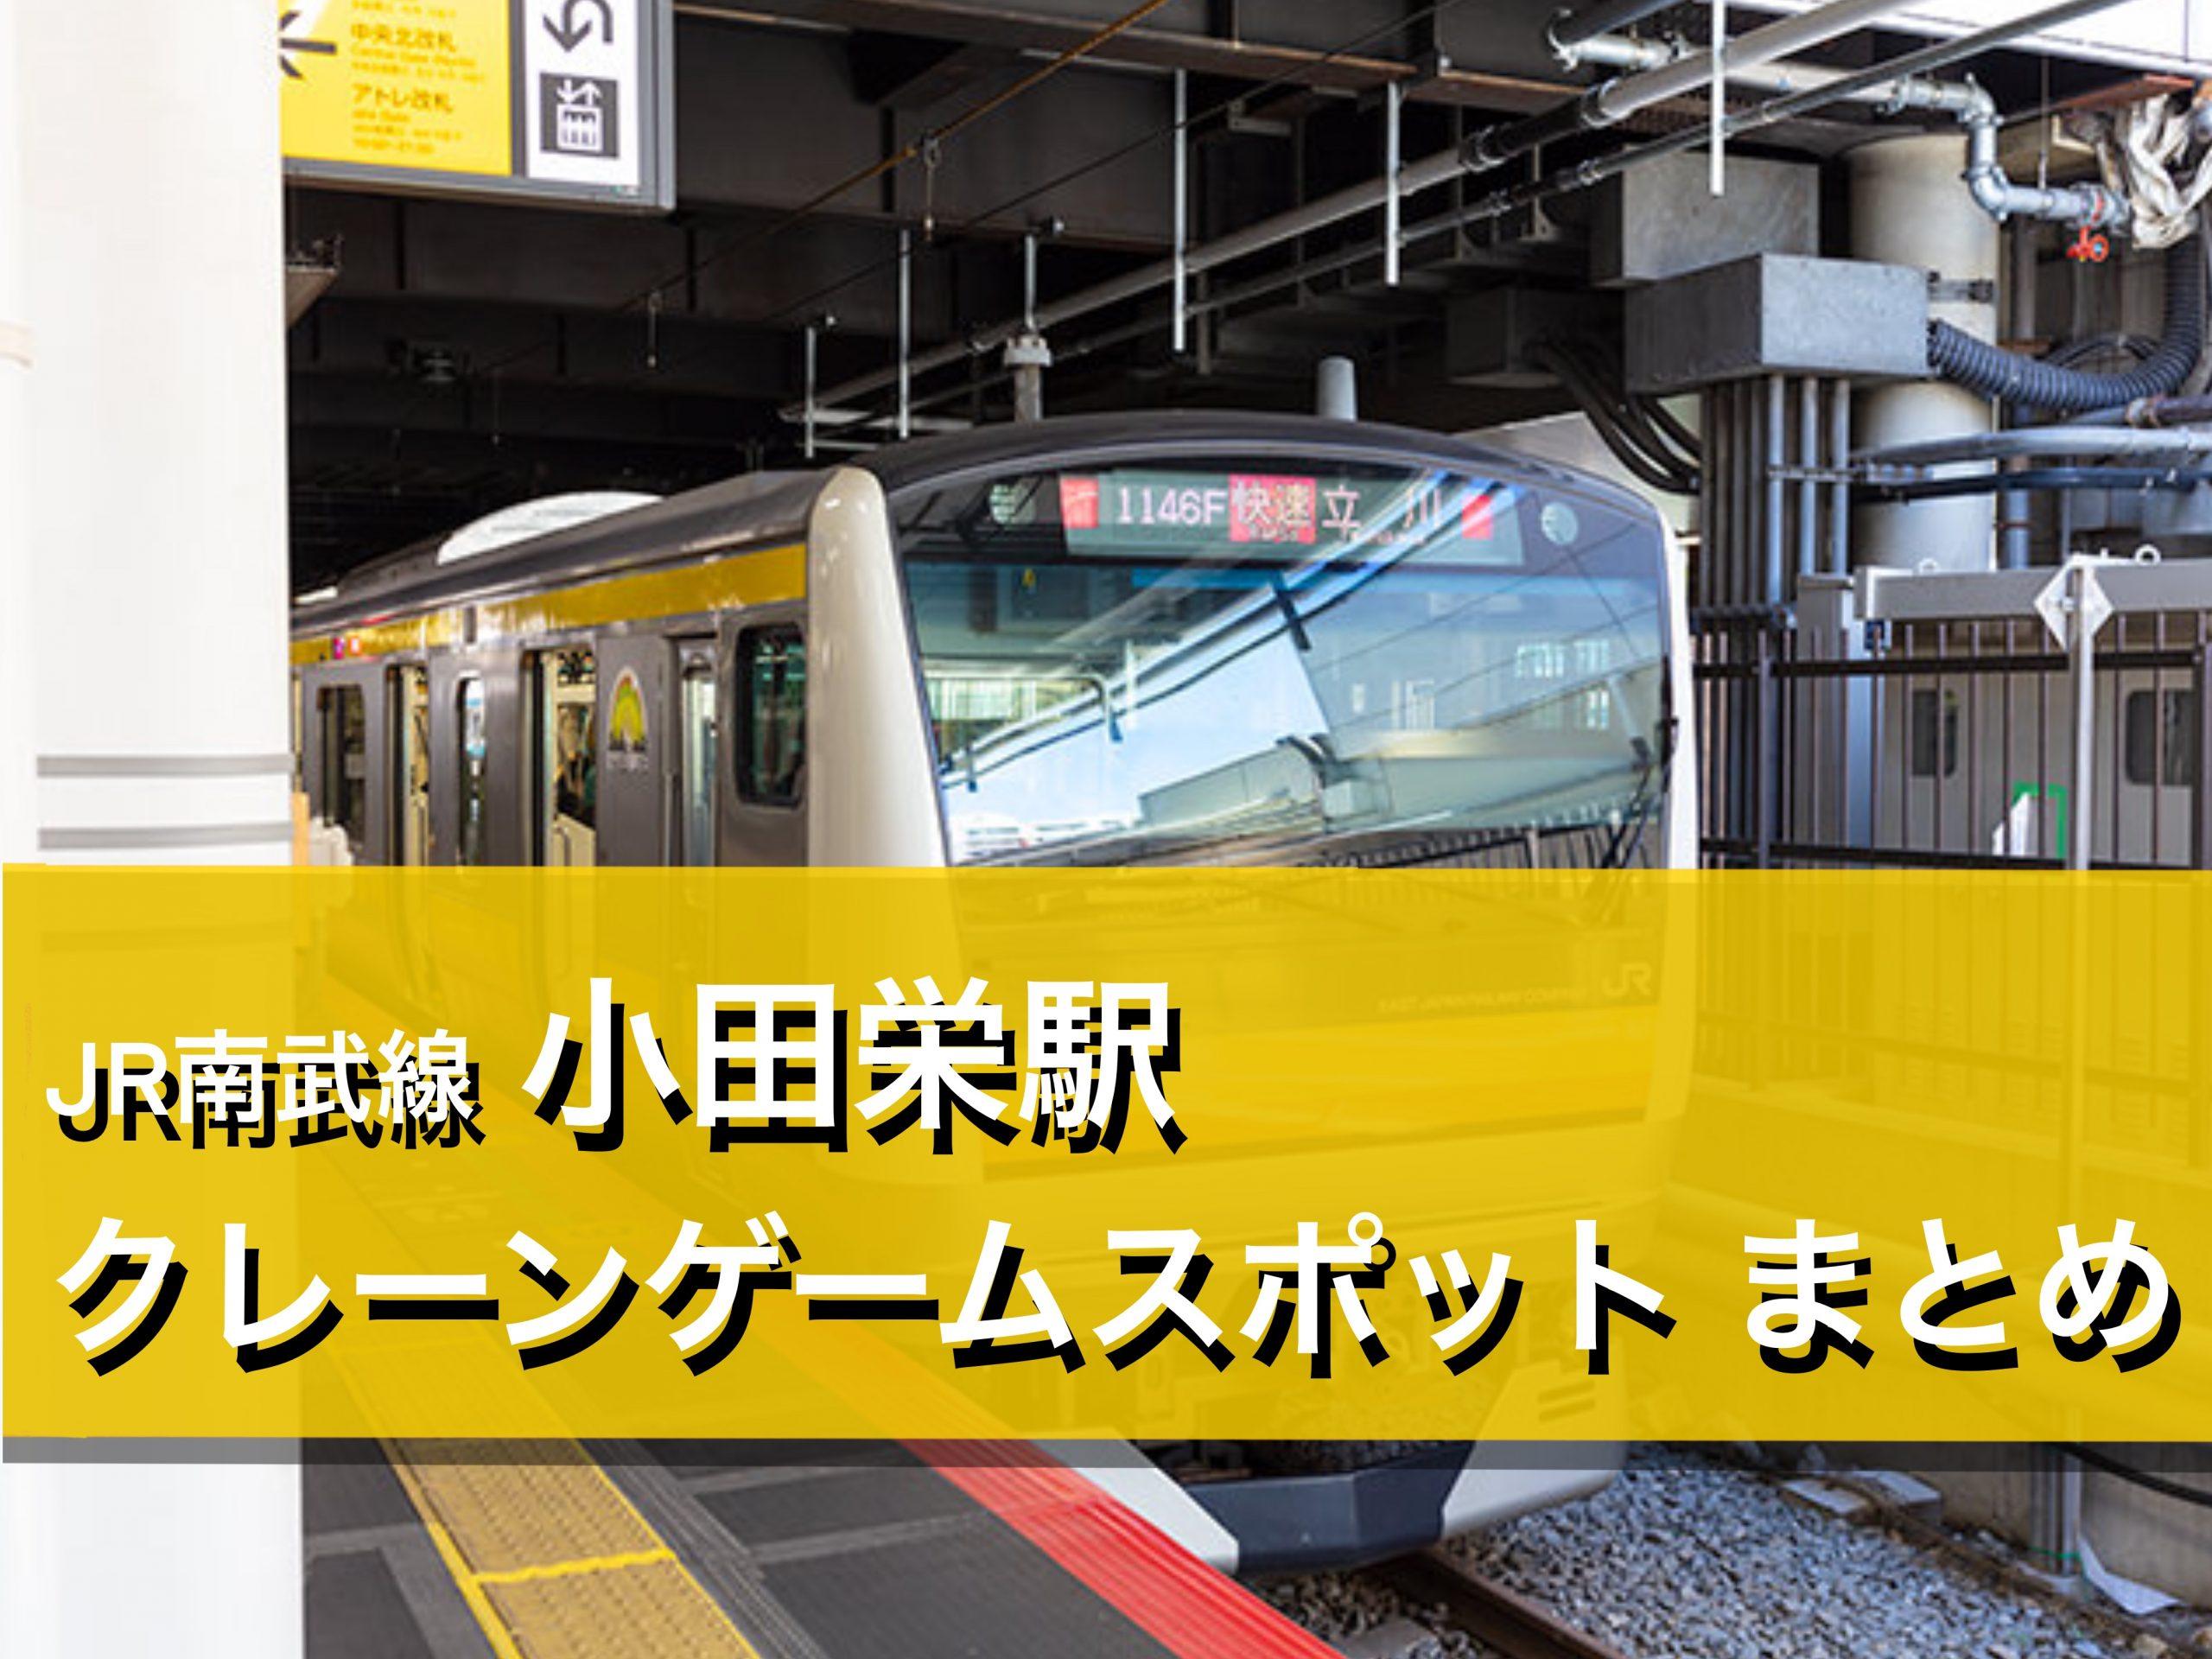 【小田栄駅】クレーンゲームができる場所